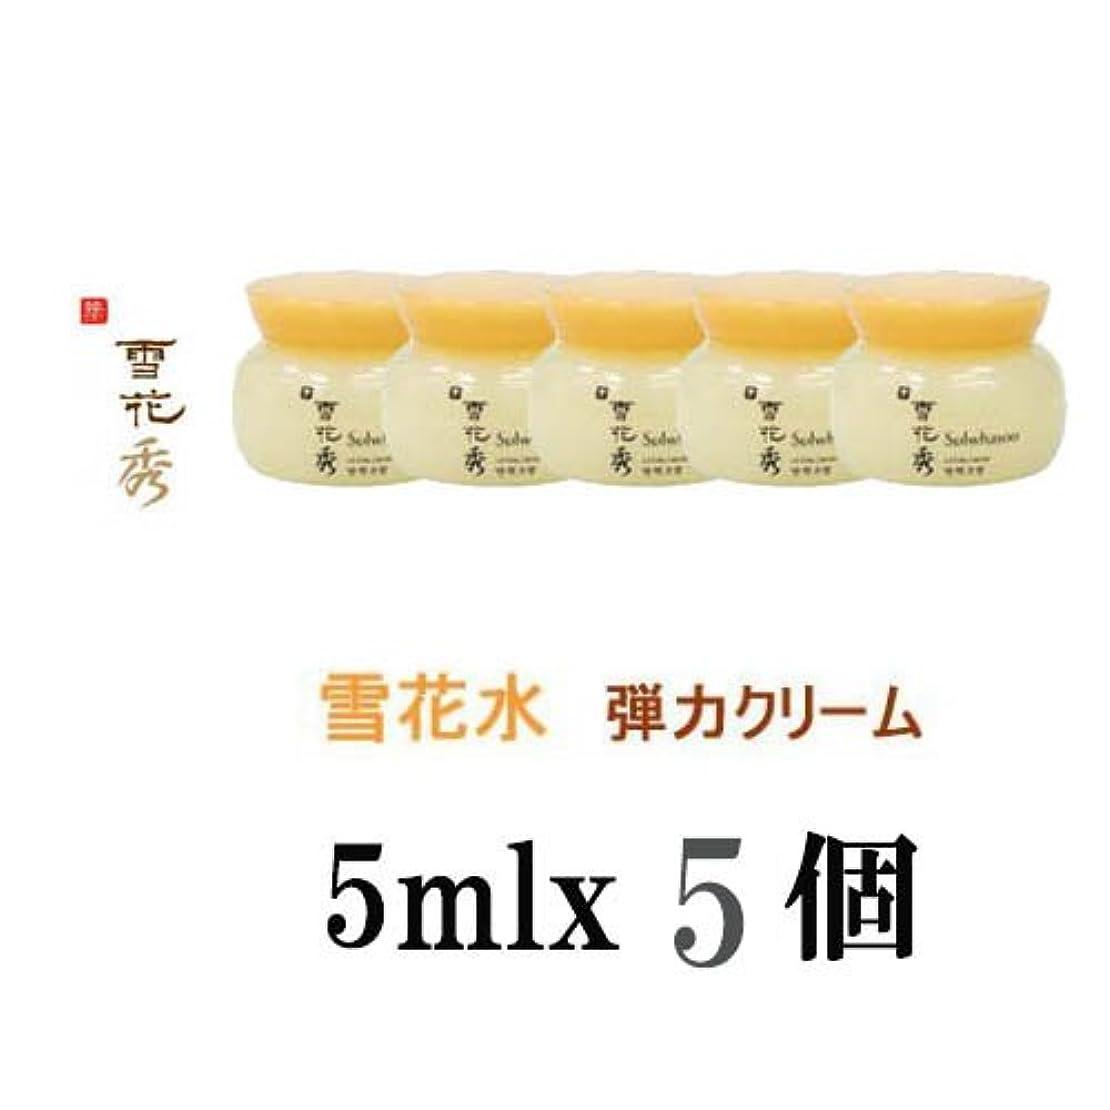 ドリンクピービッシュプロット雪花秀/ソルファス 弾力クリーム潤い/乾燥肌/漢方コスメ//5mlx5個